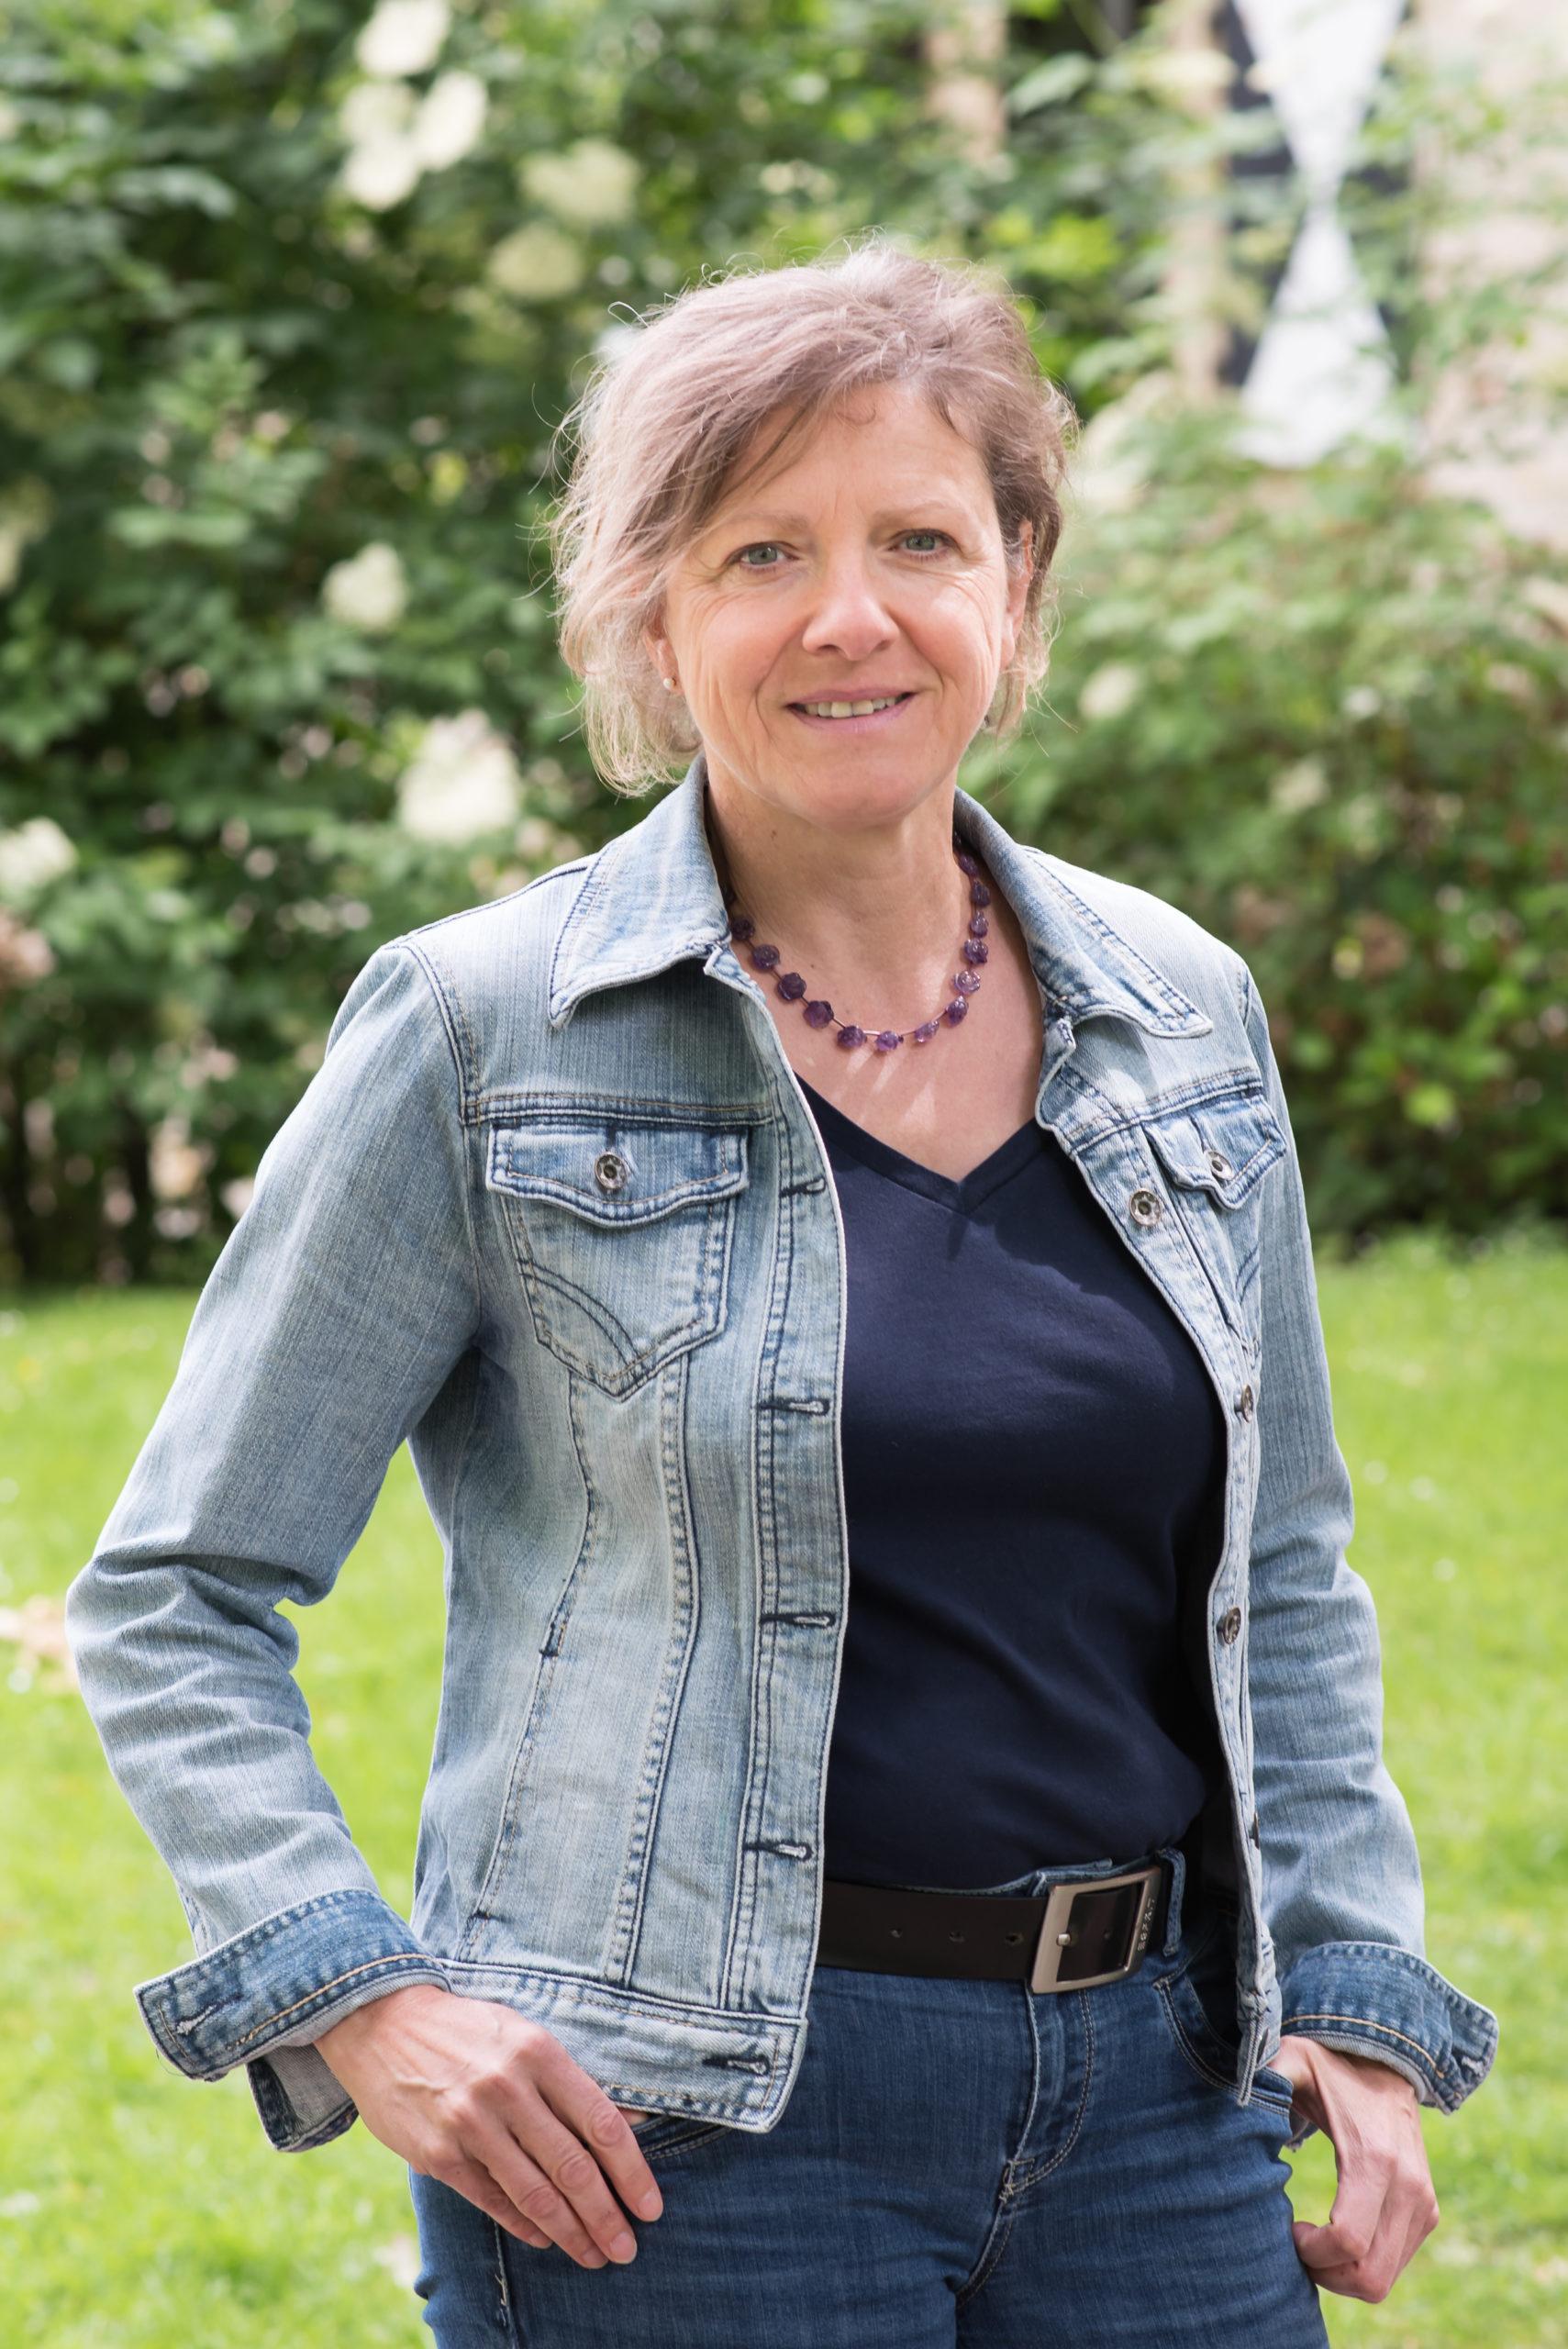 Sarah Bosse